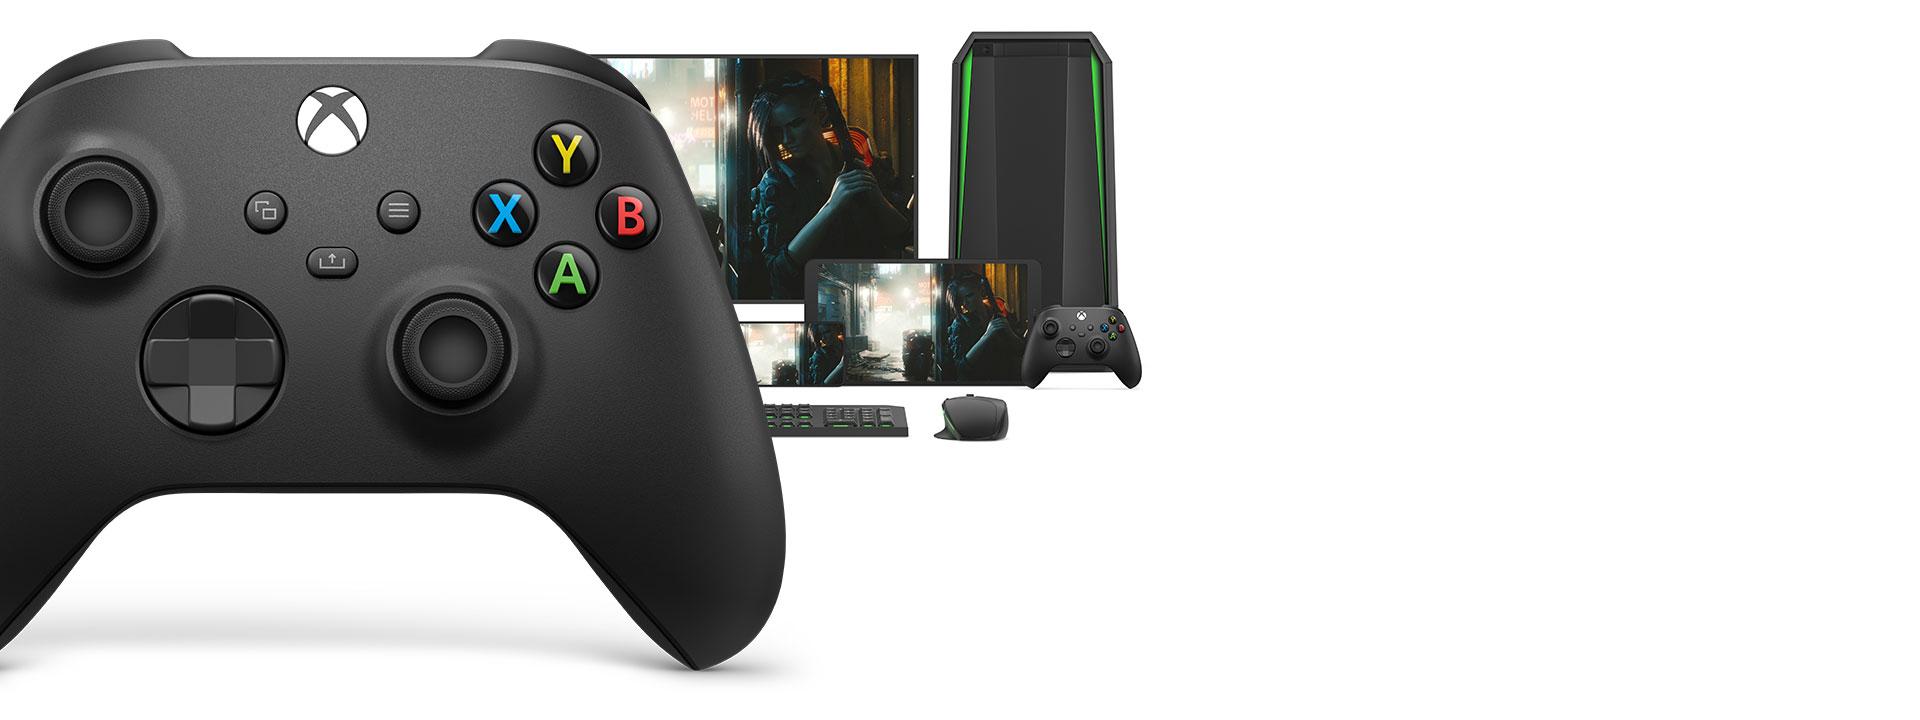 Tay cầm chơi game Xbox Series X Controller - Shock Blue có thể chuyển đổi dễ dàng với các thiết bị khác nhau